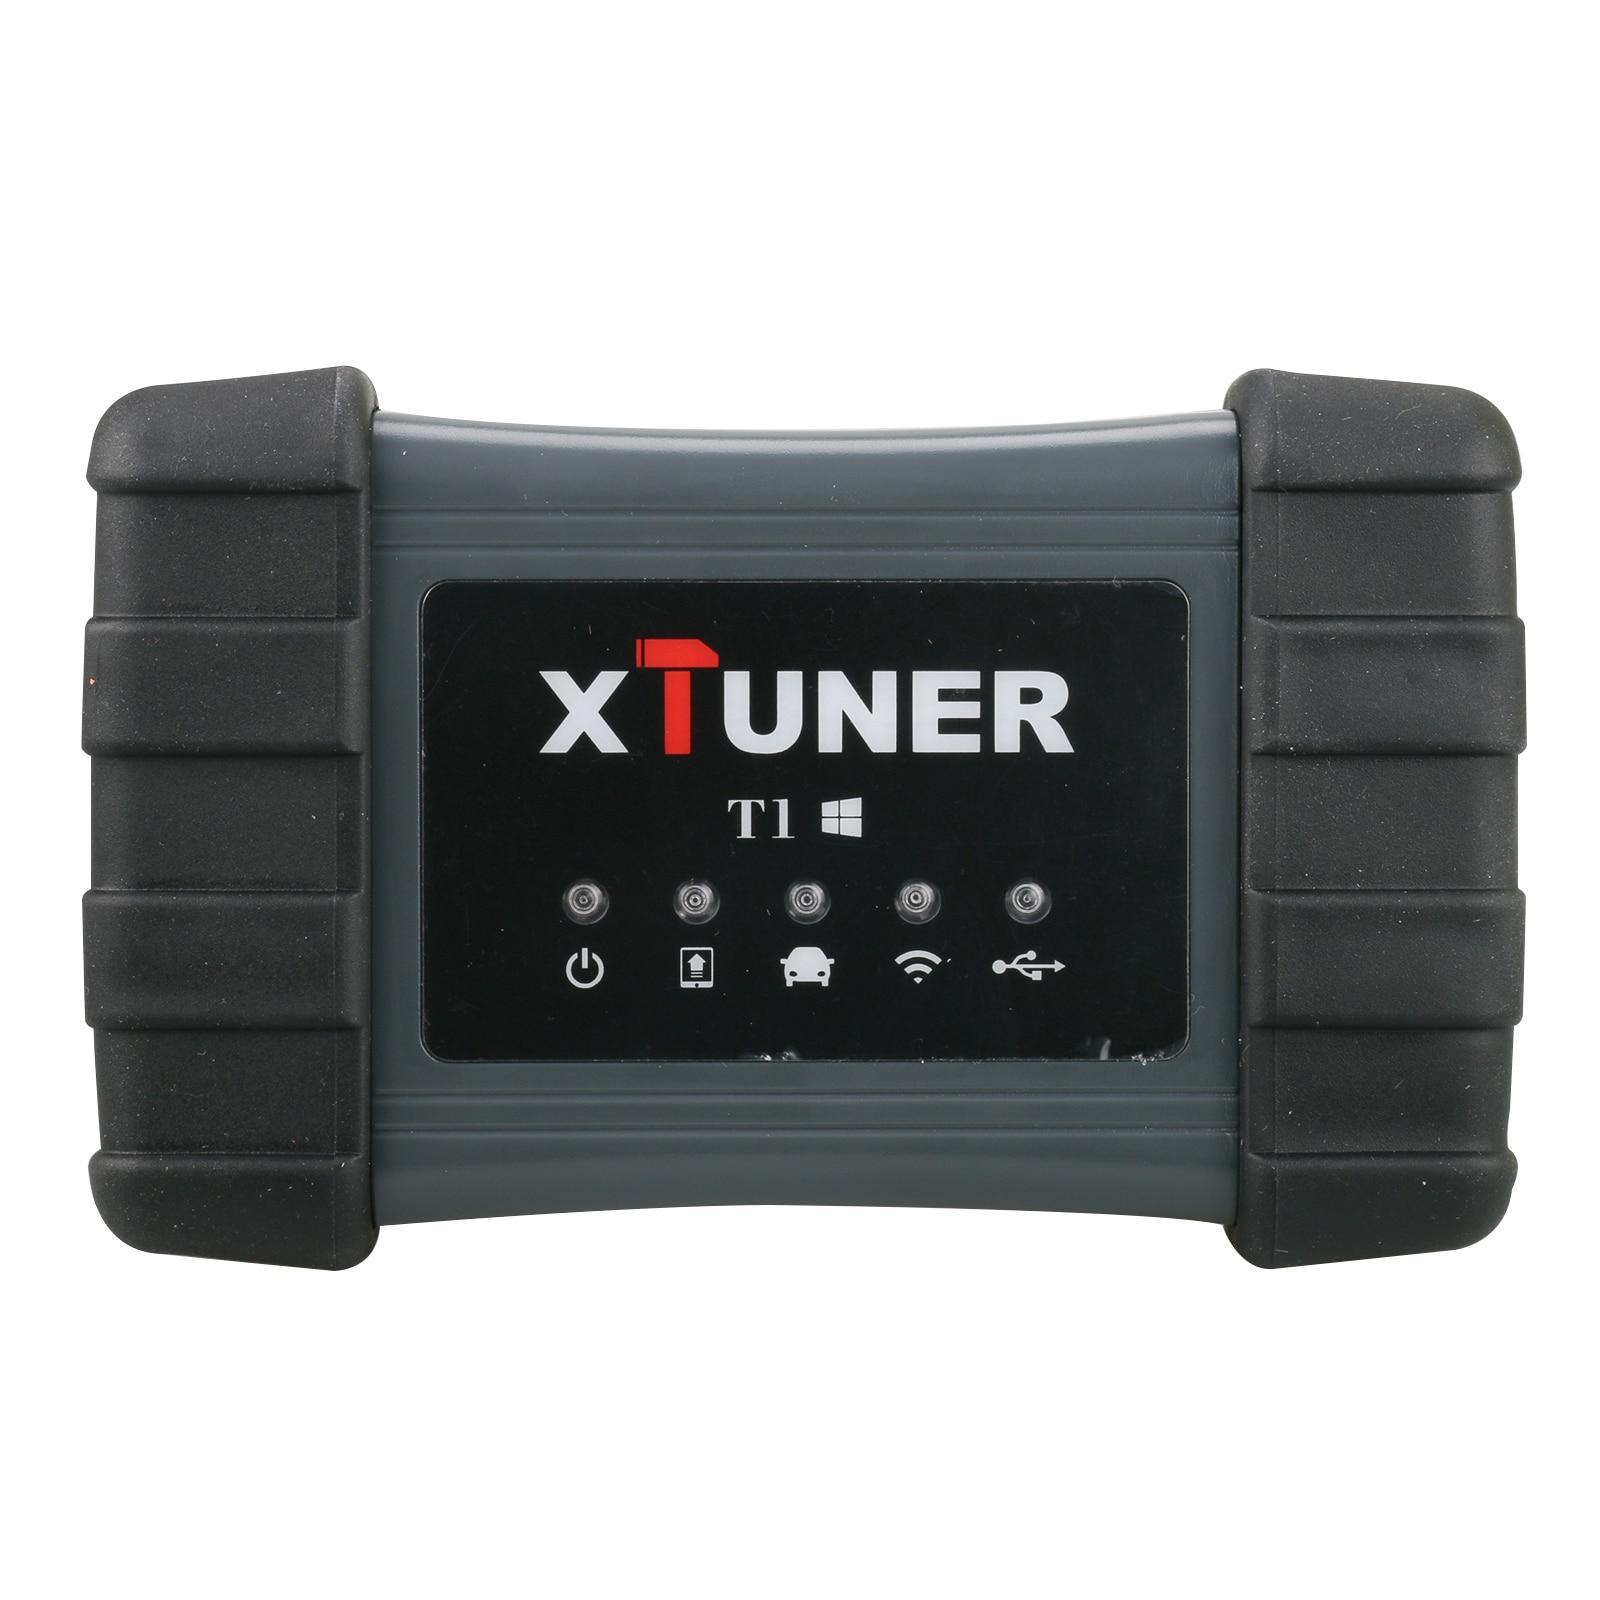 Новое поступление Бесплатная доставка XTUNER T1 тяжелых грузовых автомобилей Intelligent Auto инструмент диагностики Поддержка WI-FI Xtuner T1 HD Бесплатная ...